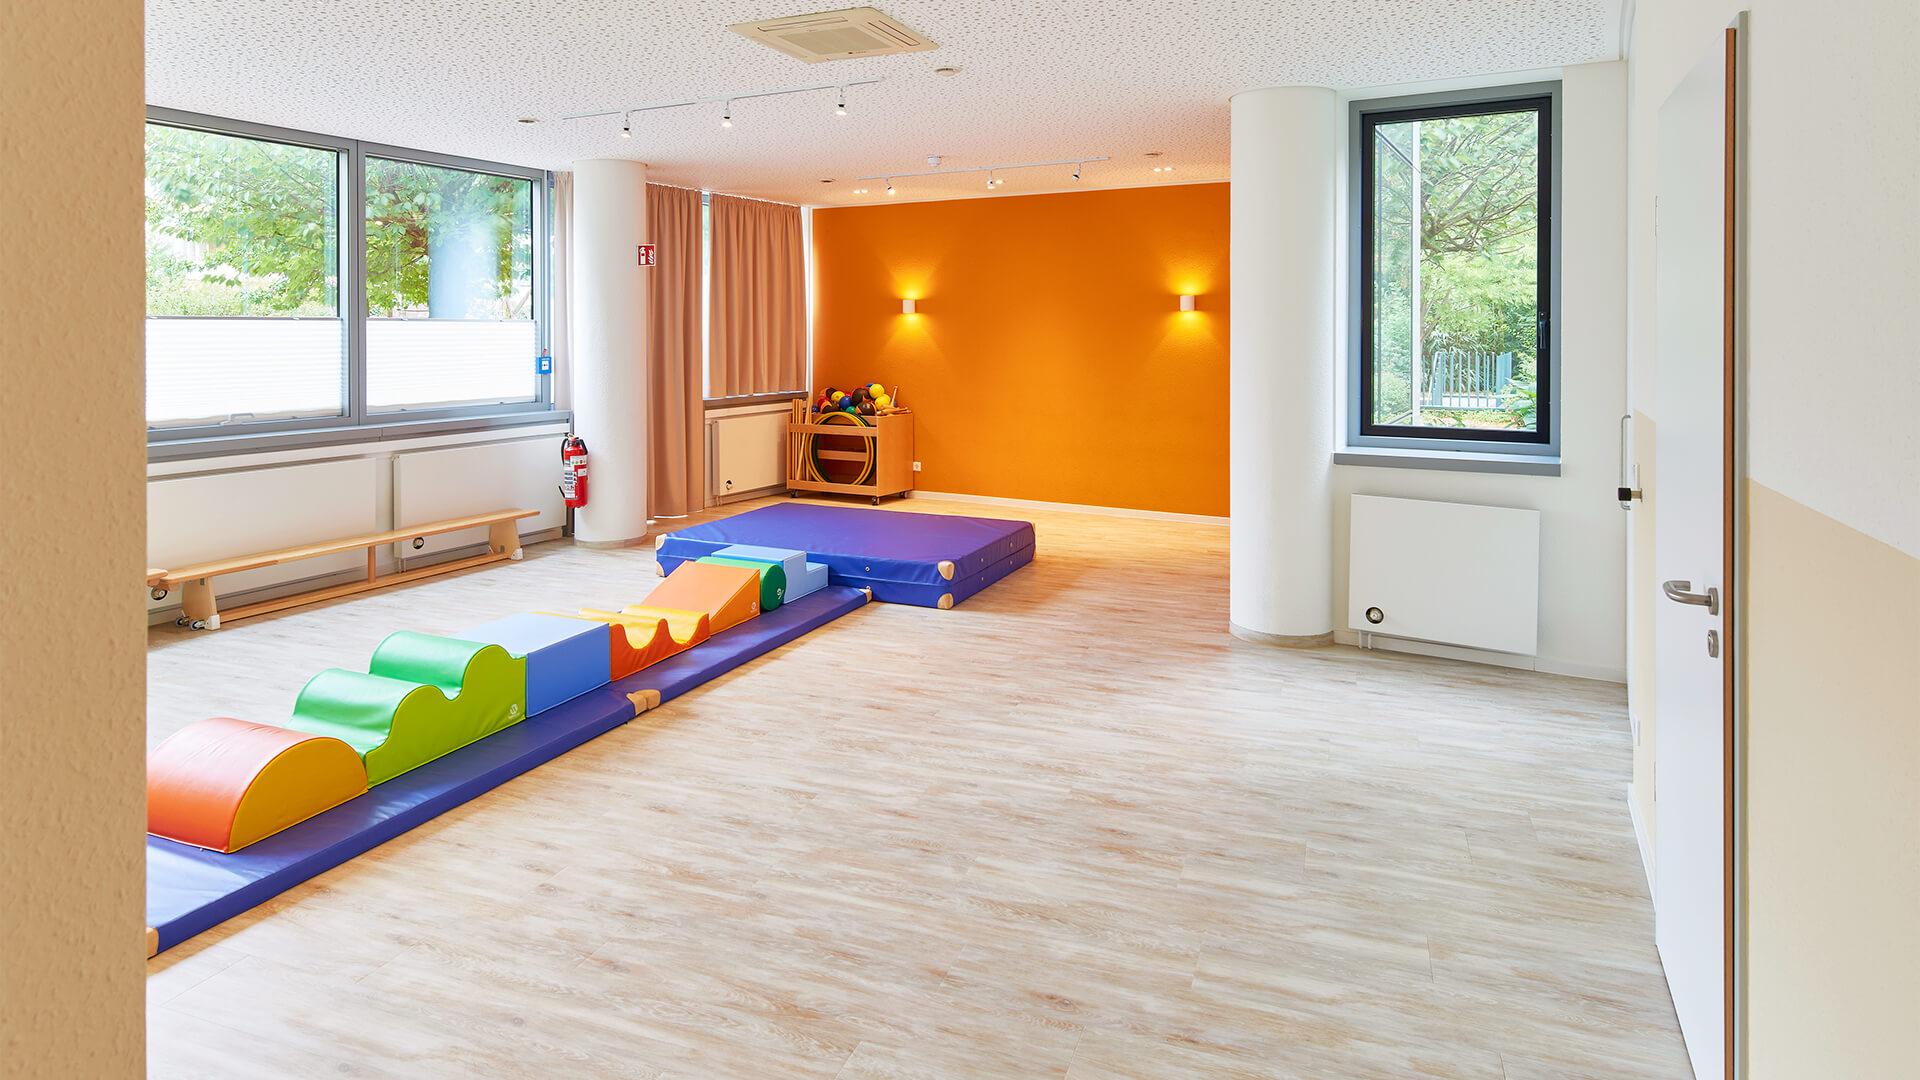 Turnhalle der Kita in Düsseldorf mit dicken, weichen Bodenmatten zum austoben